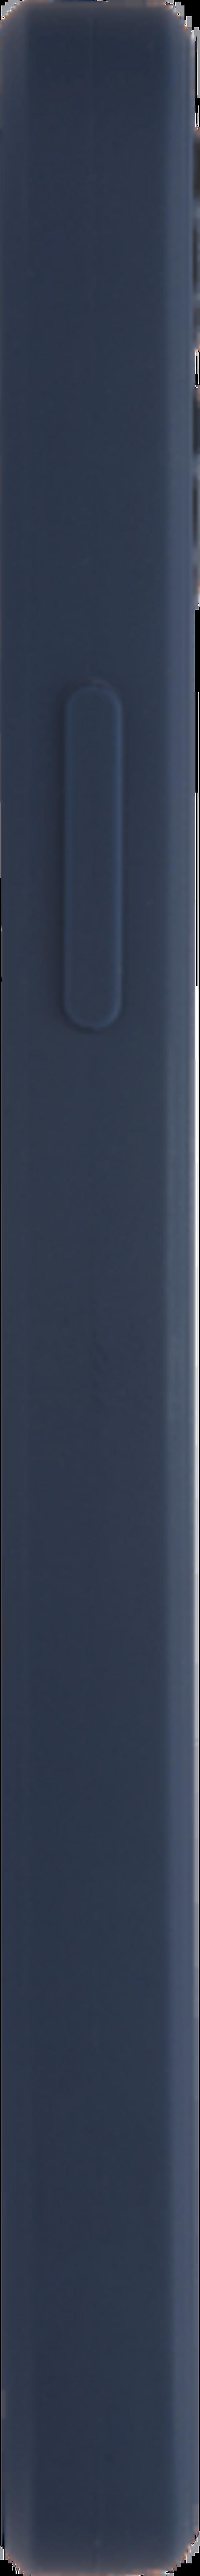 43407 - side